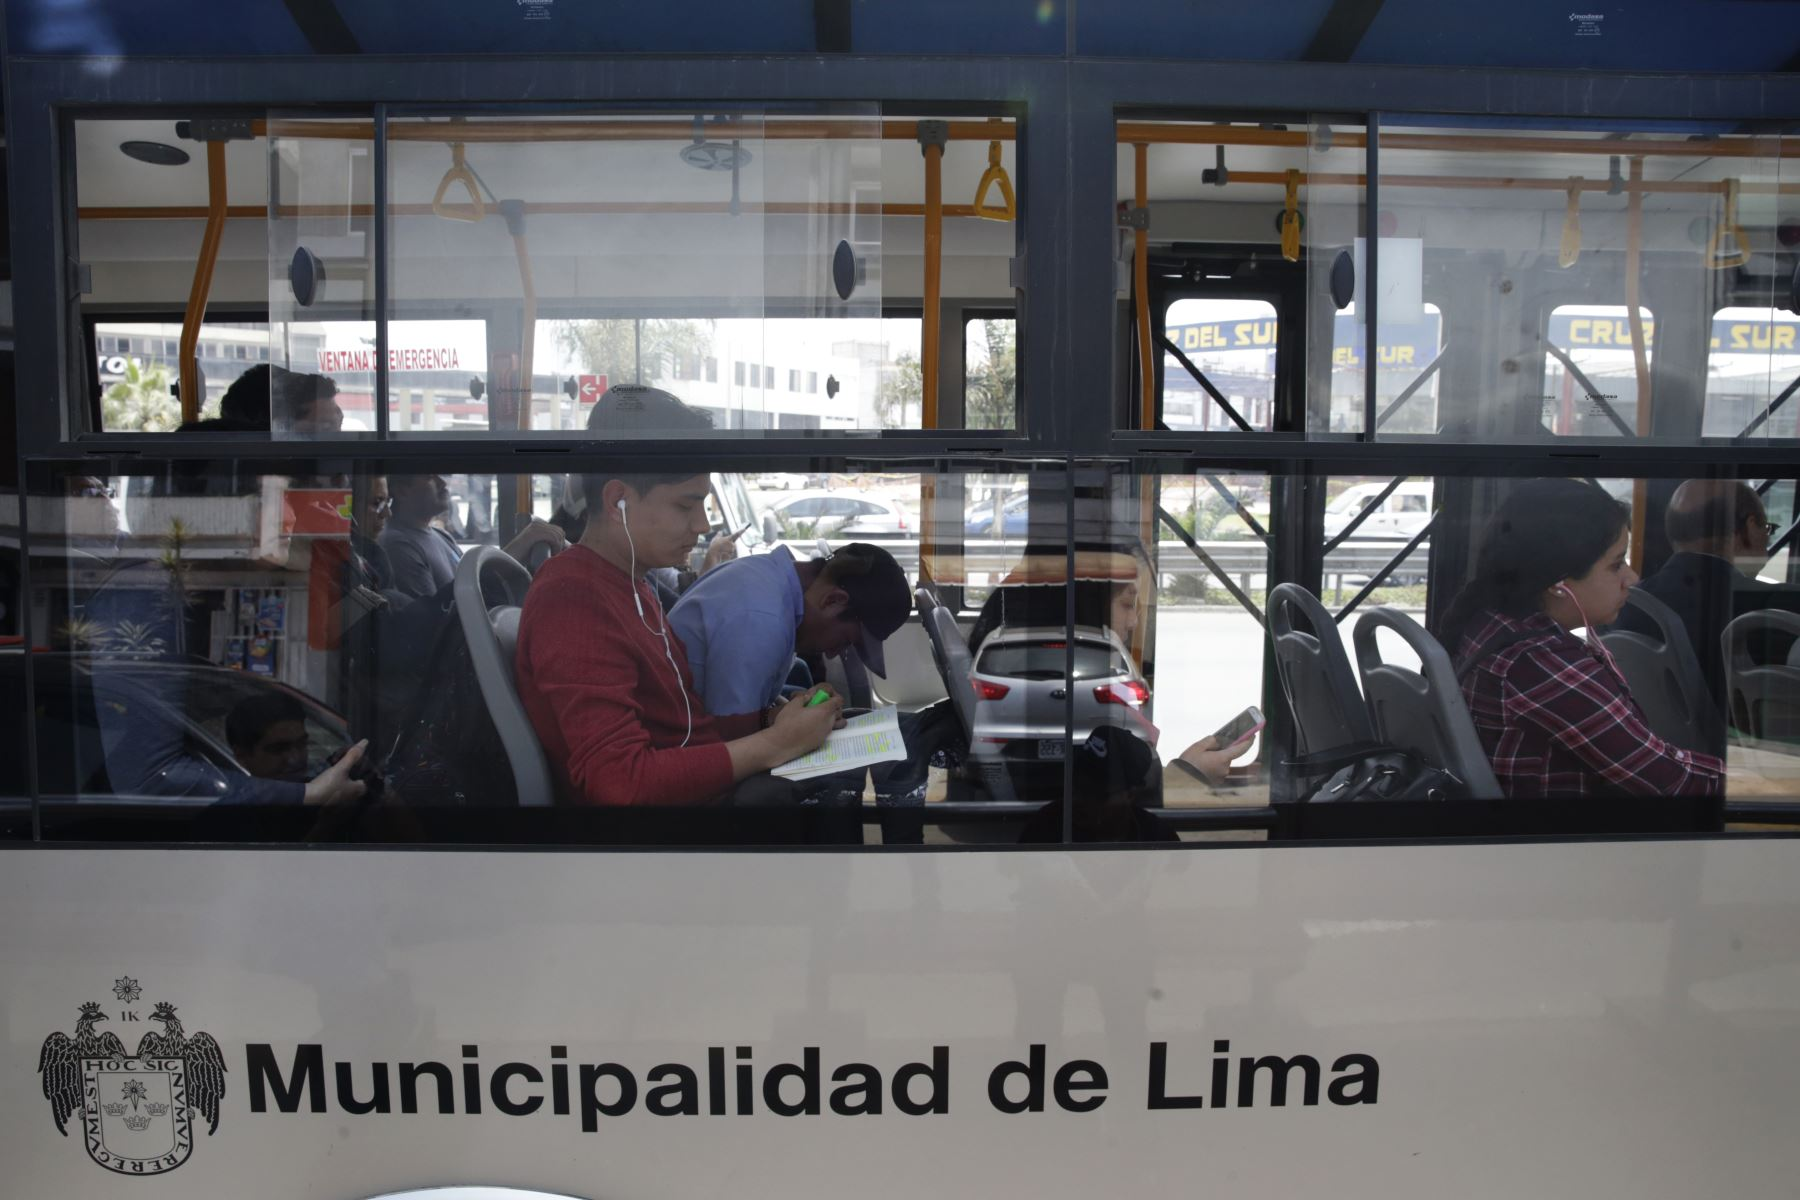 Corredores viales funcionan con normalidad. Foto: ANDINA/Melina Mejía